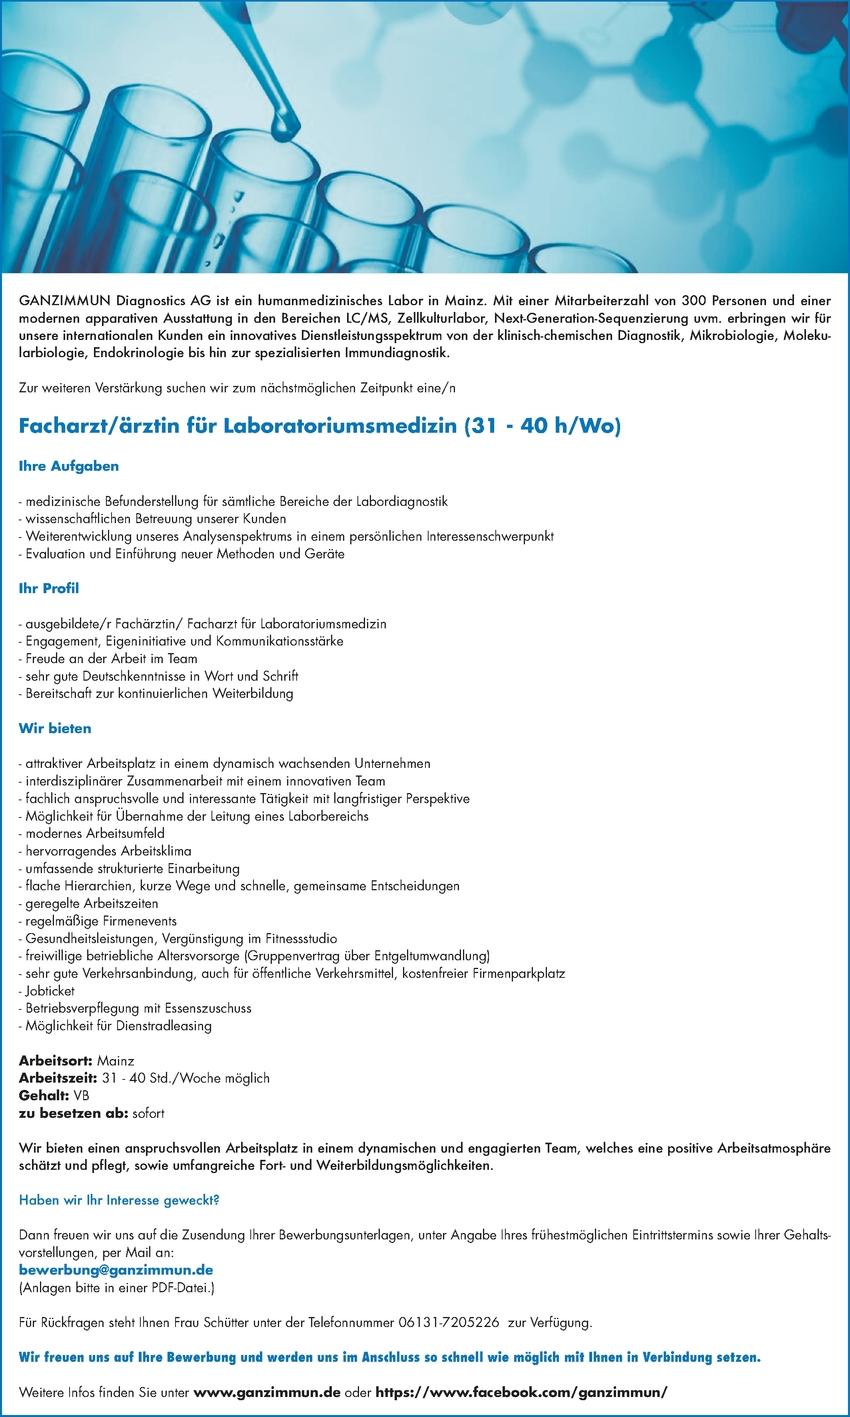 Facharzt/ärztin für Laboratoriumsmedizin